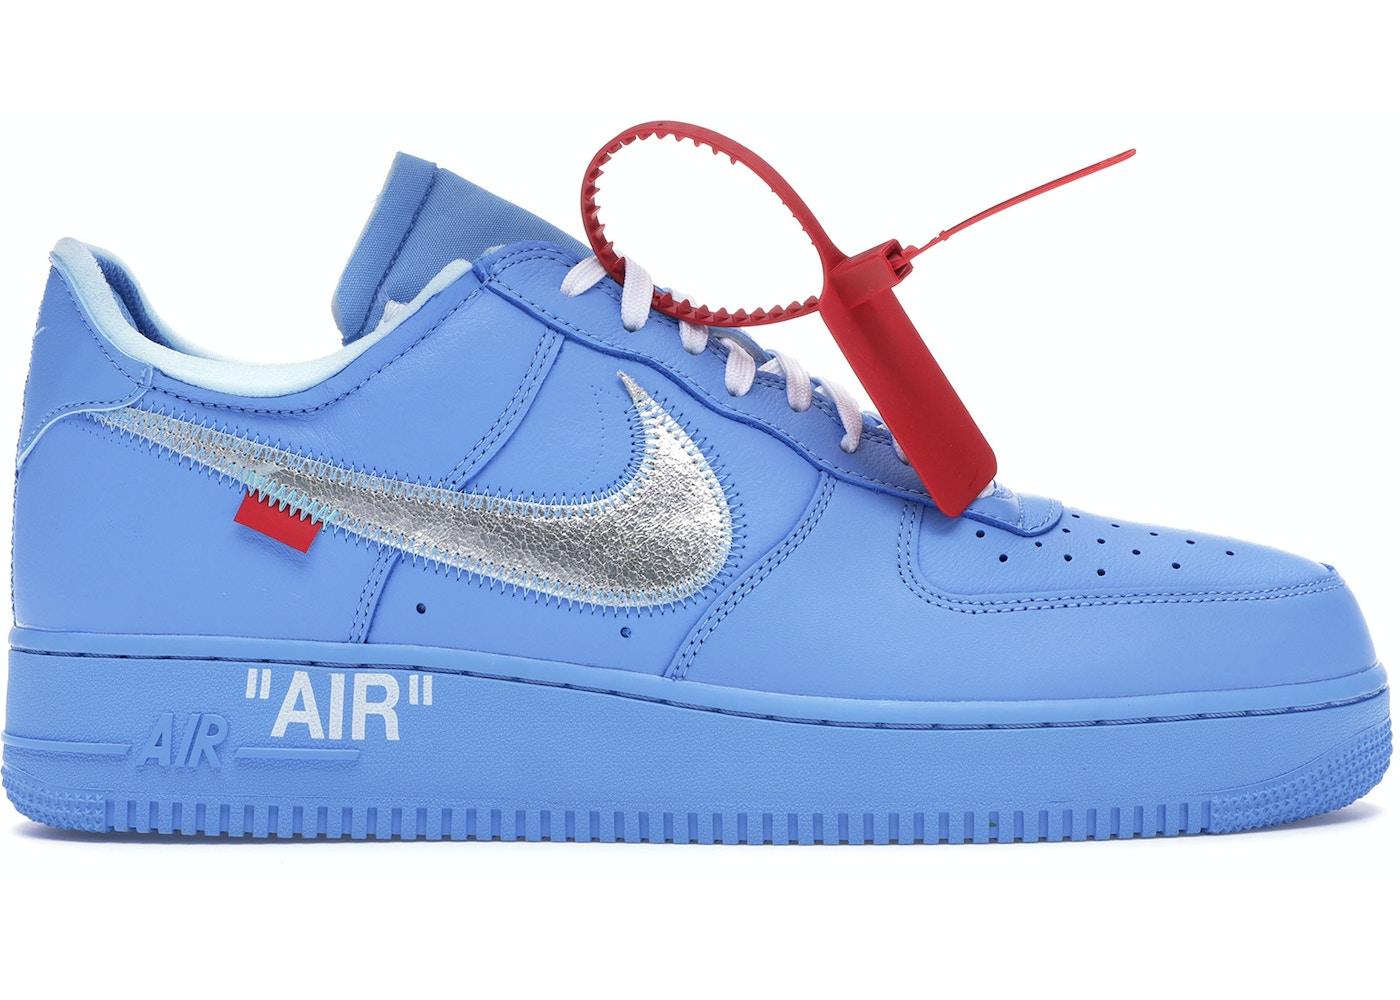 Fruncir el ceño Imperio Inca encender un fuego  Nike Air Force 1 Low Off-White MCA University Blue - CI1173-400